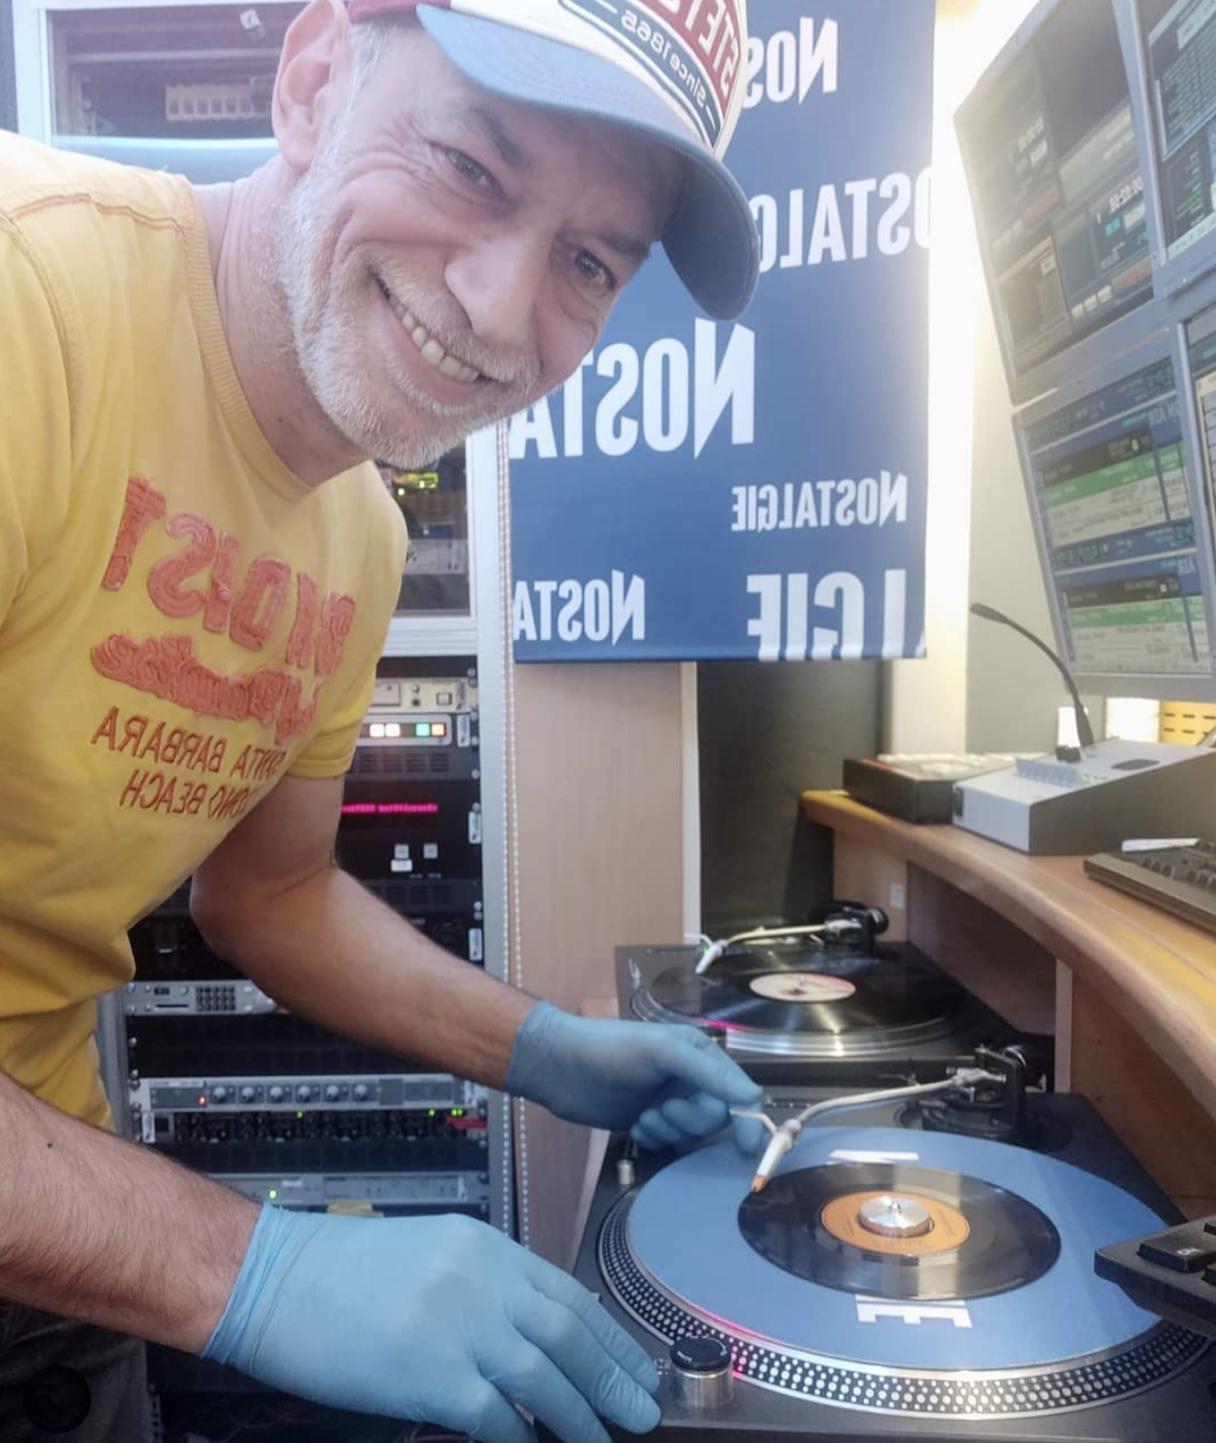 Le MAG 122 - Nostalgie du vinyle à la radio